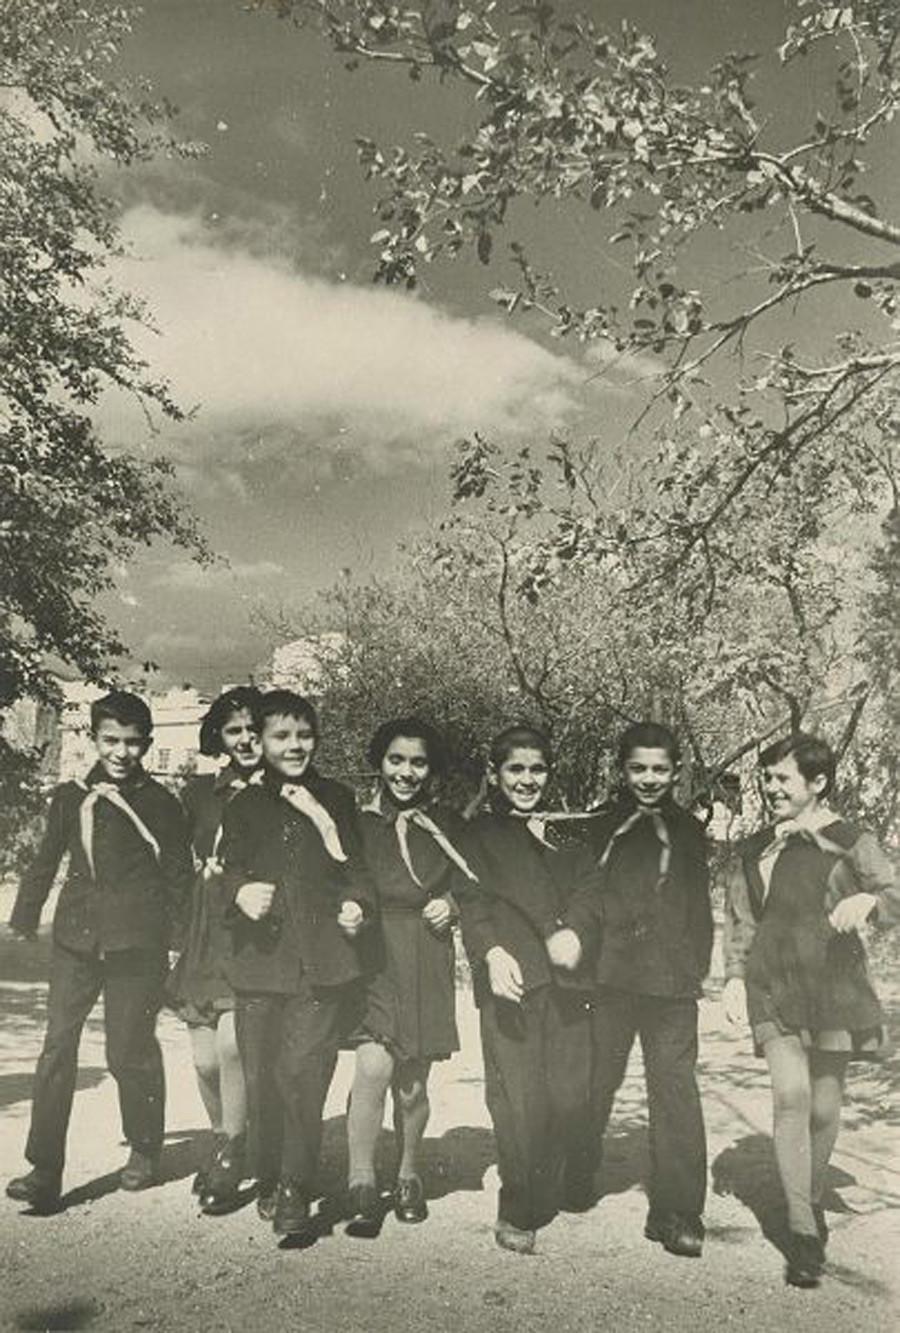 Pioneers, 1960s